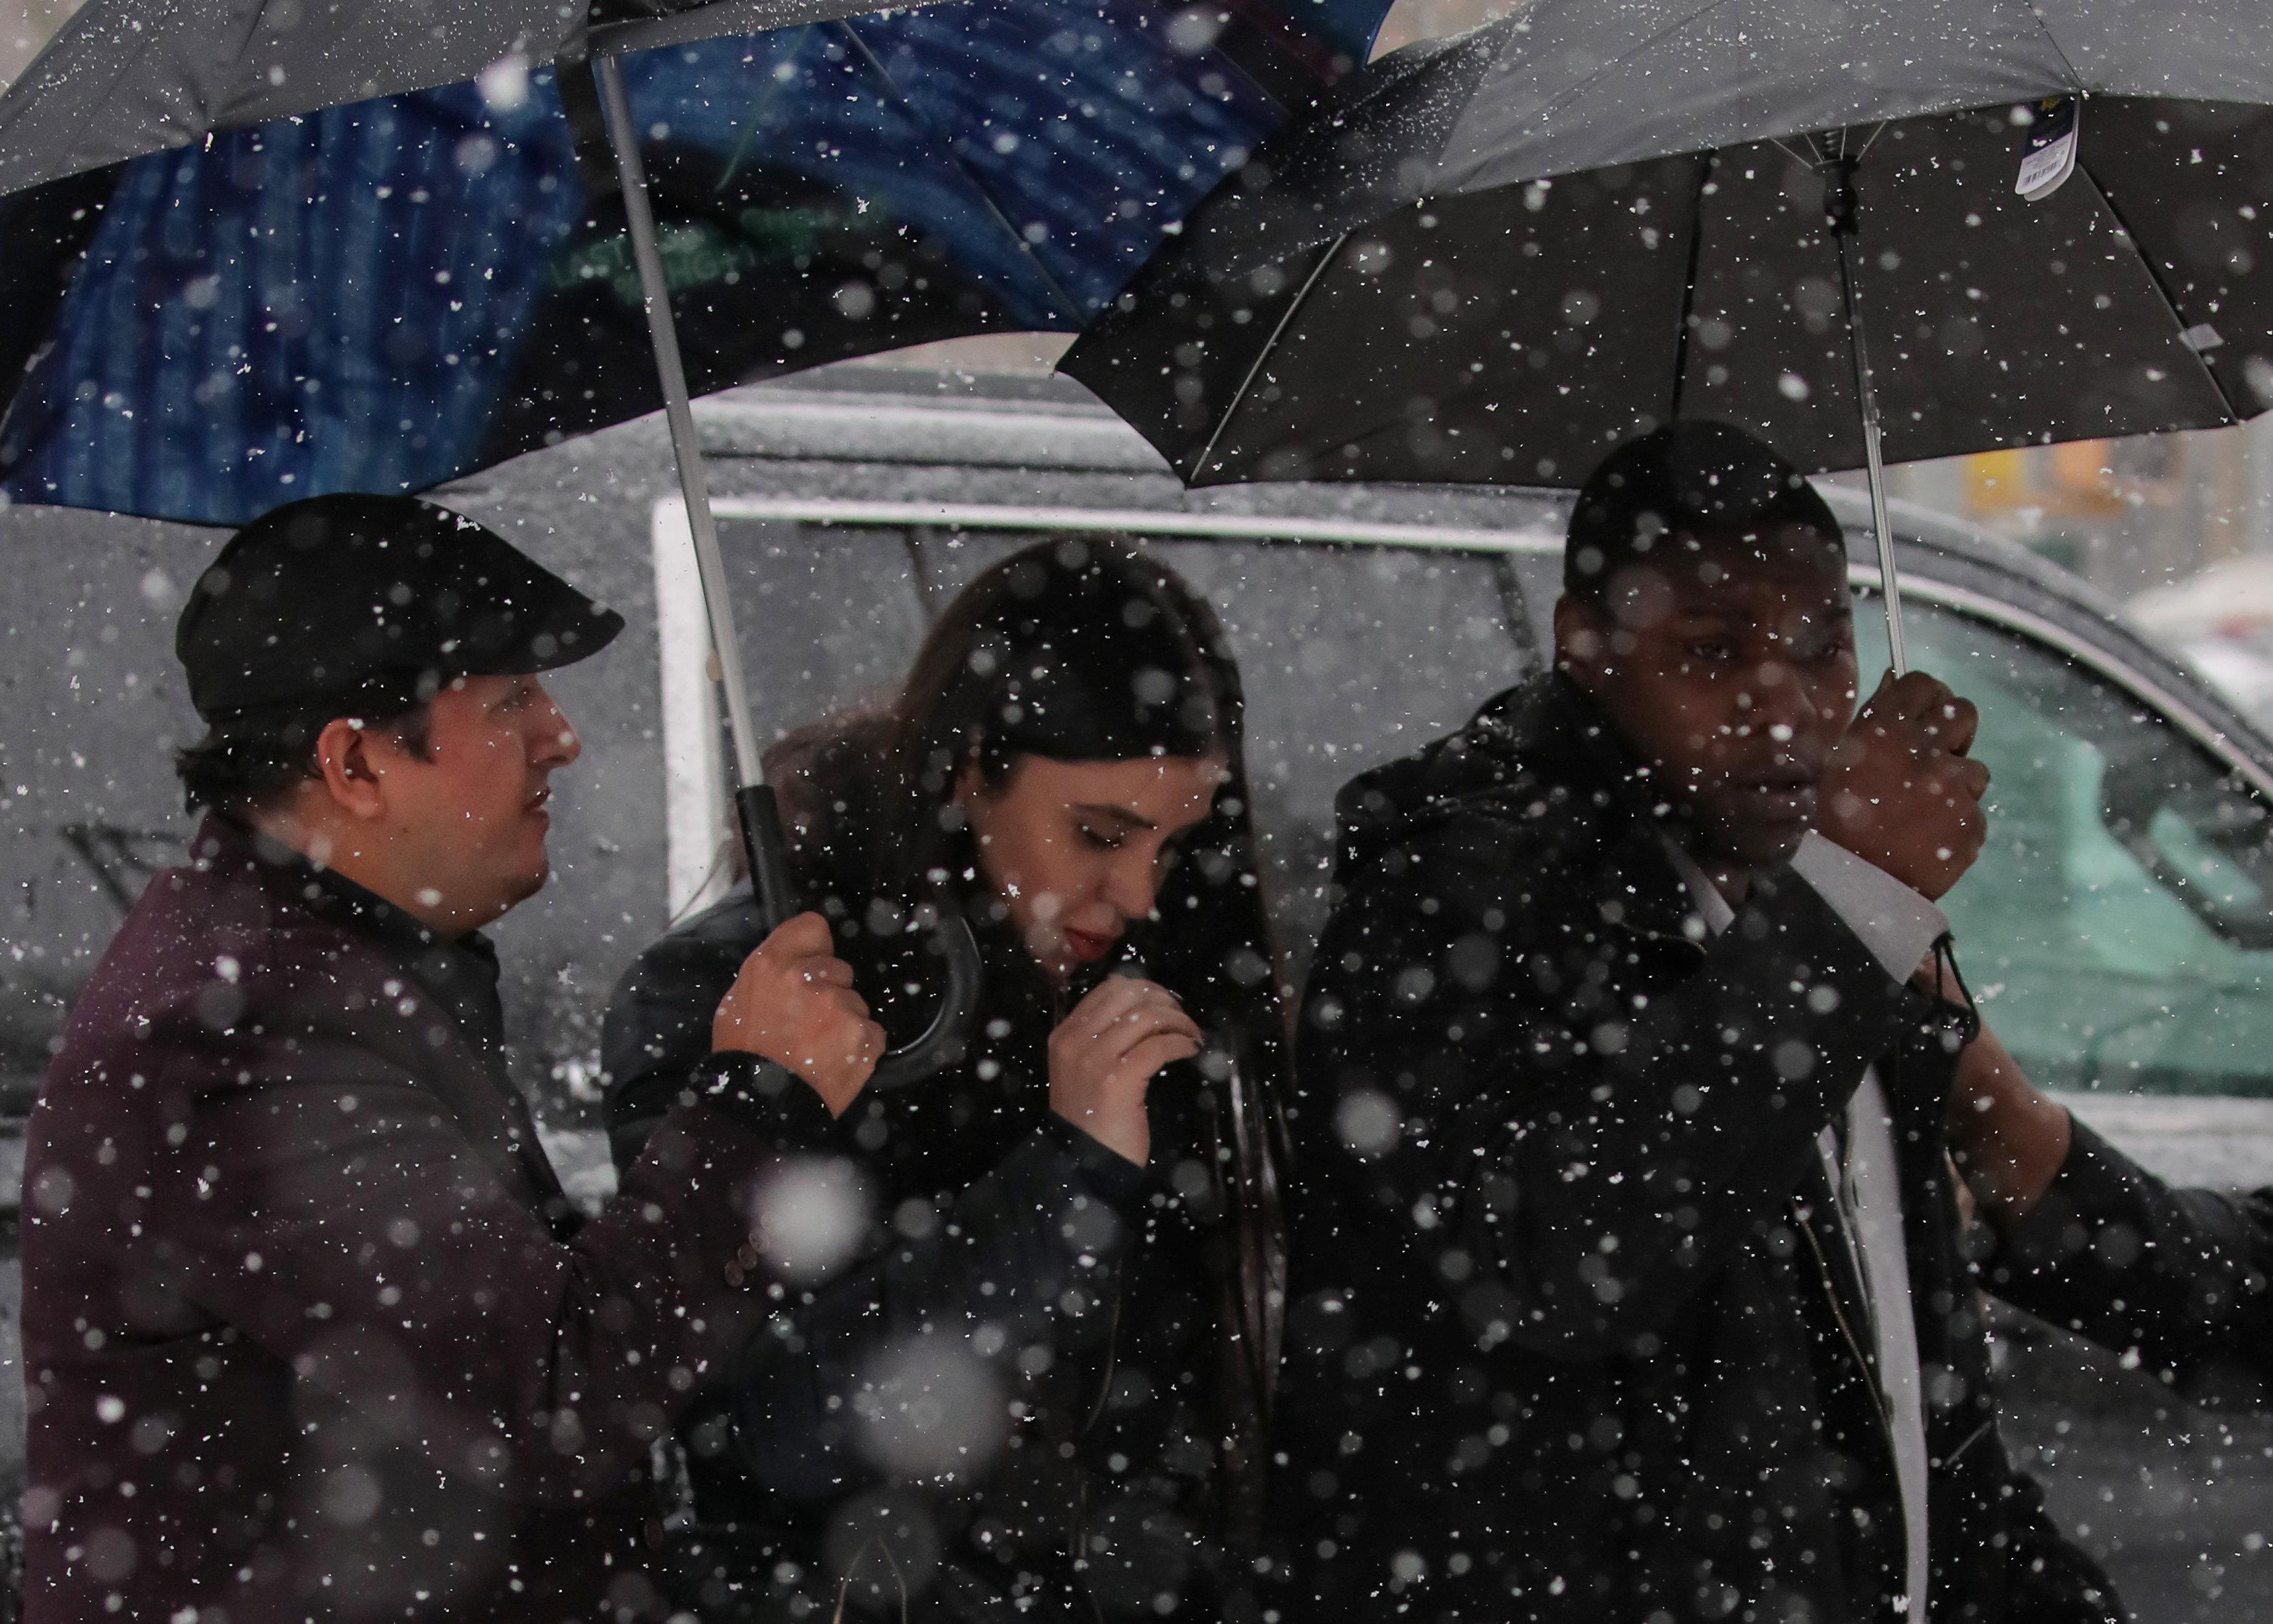 Emma Coronel dijo que no iba a llorar REUTERS/Brendan McDermid